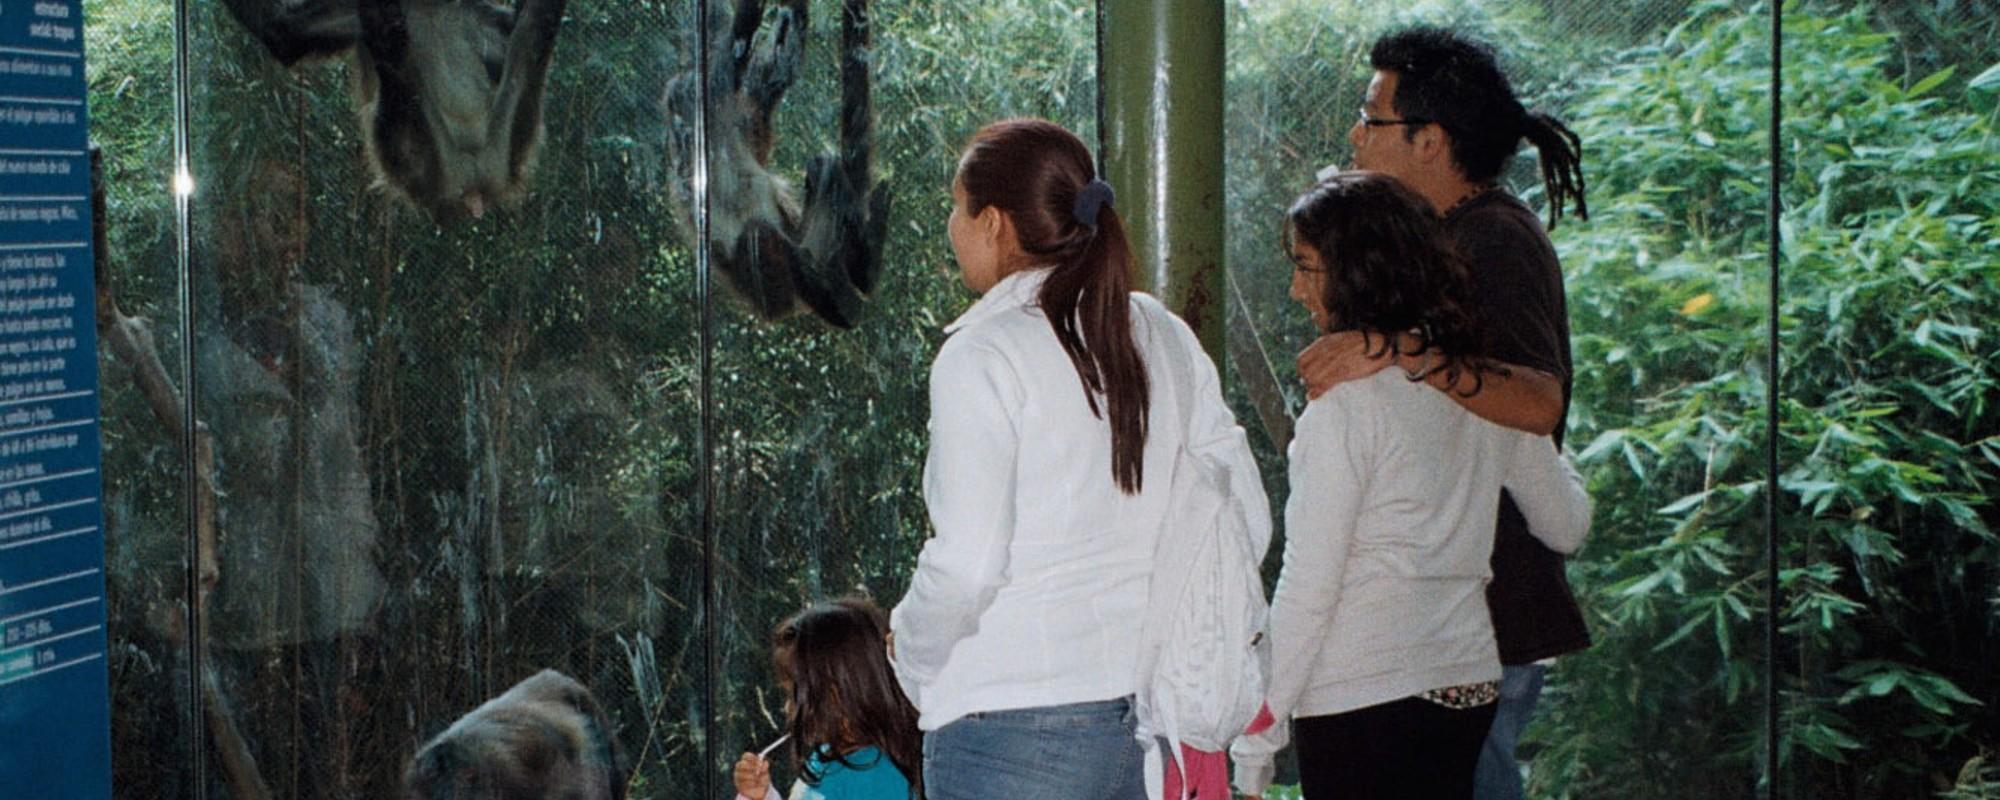 ¿El zoológico de Chapultepec debería cerrar permanentemente?